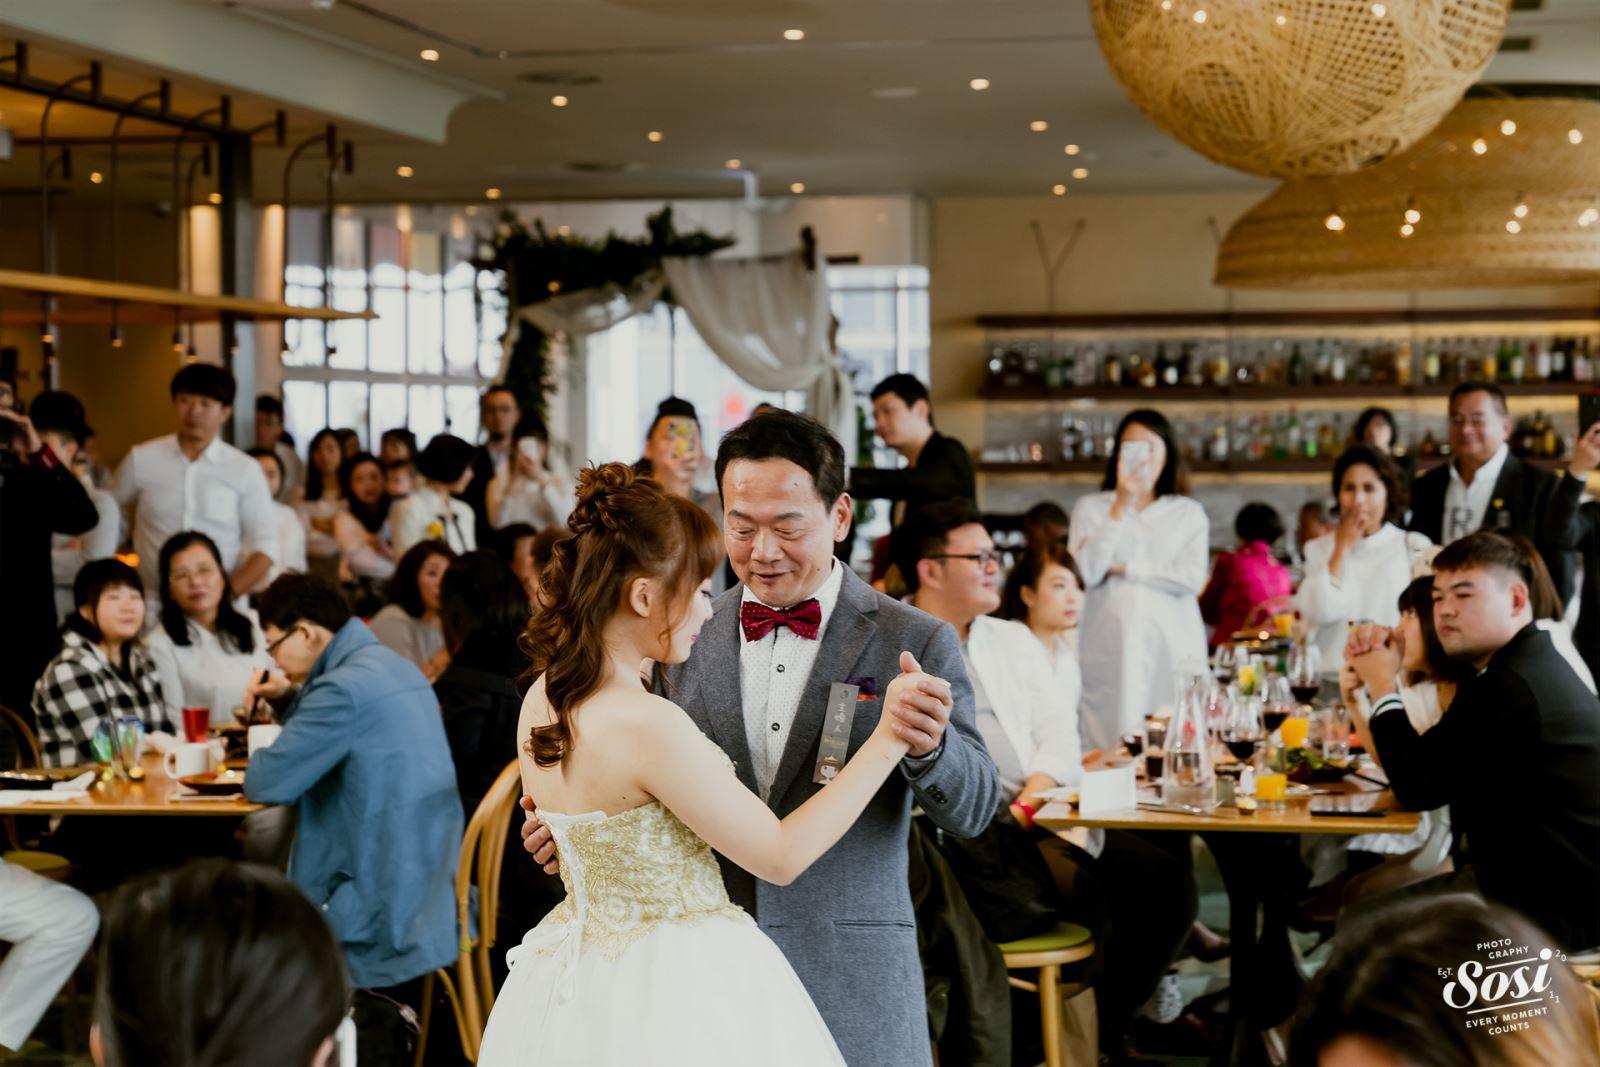 婚禮上與父親的第一支舞